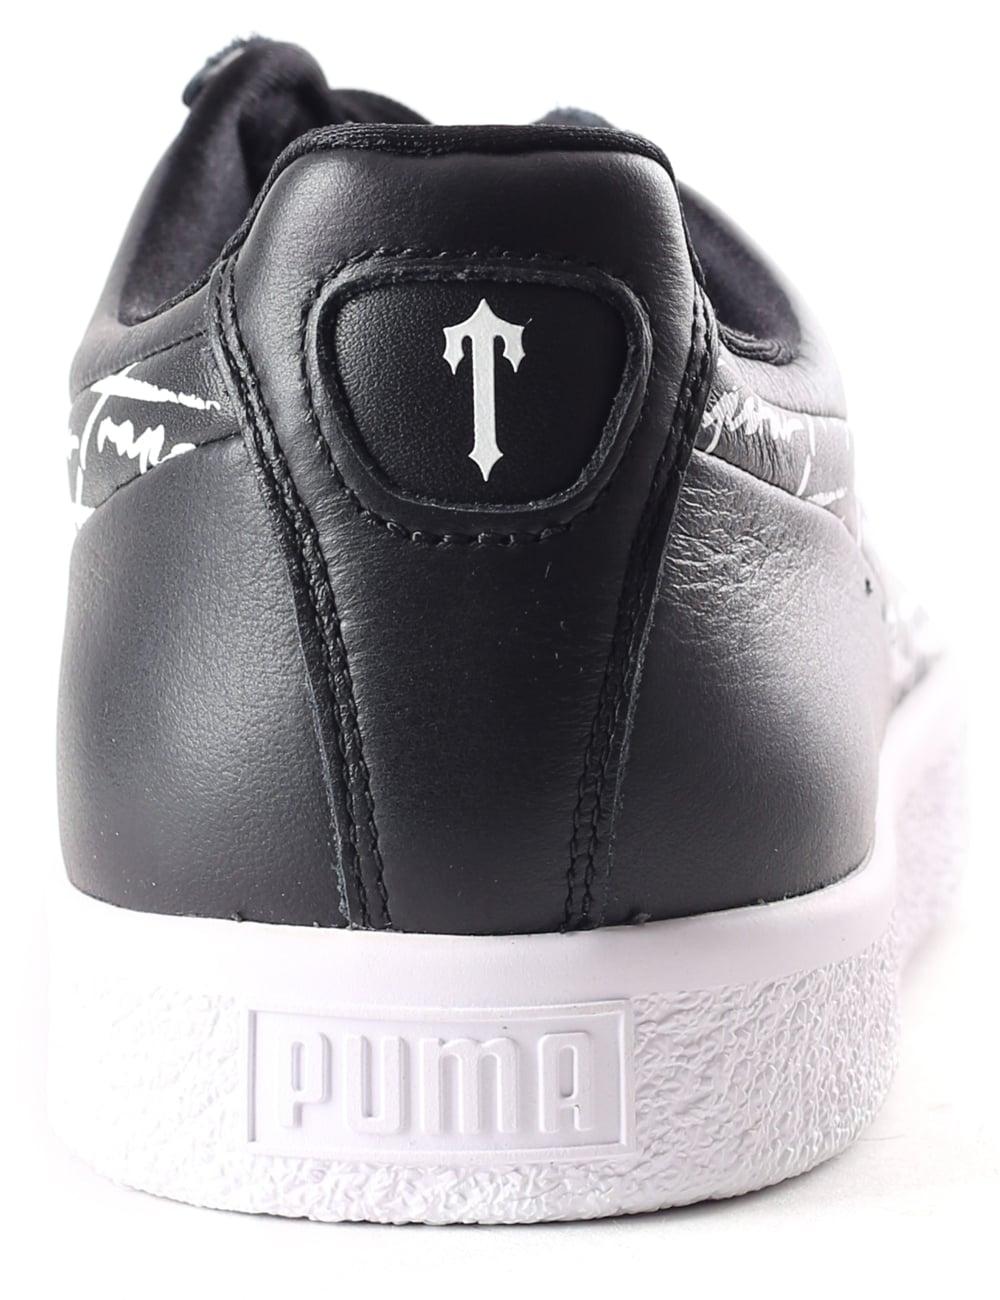 7e933e0e0758d3 Puma X Trapstar Men s Clyde Trainer